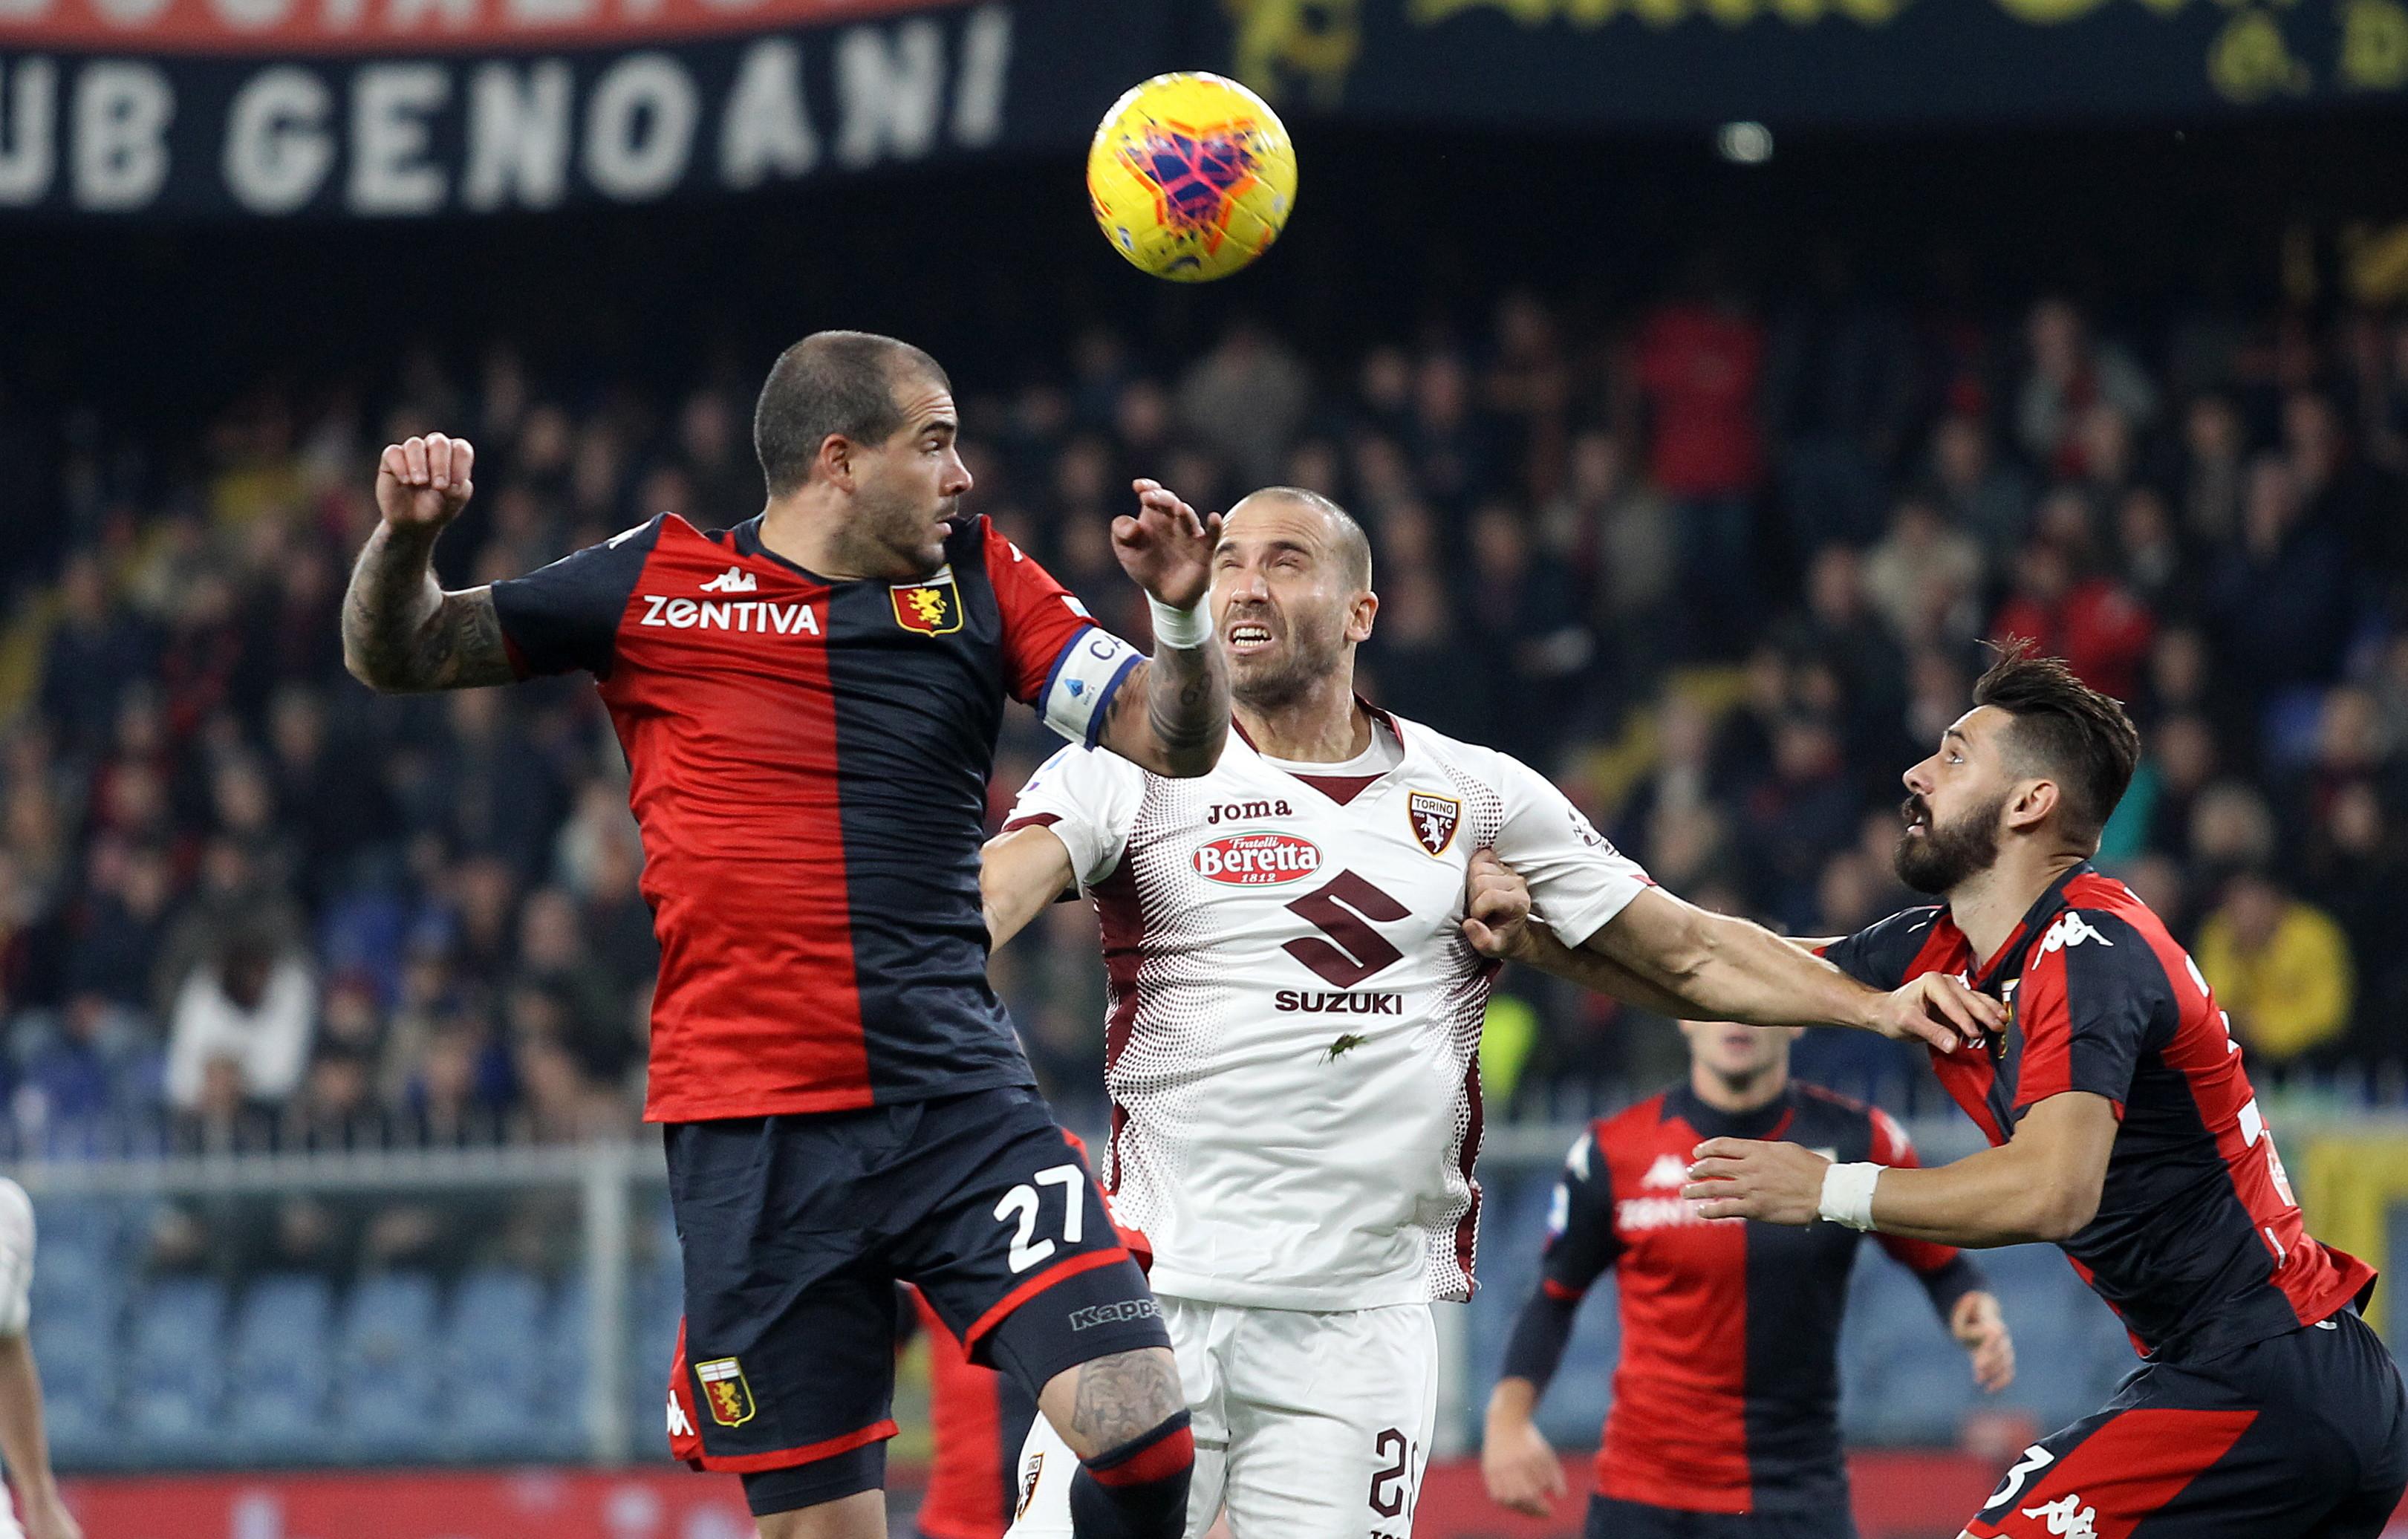 Nel match delle 18, il Torino di Mazzarri sbanca Marassi di misura e sale a quota 17 punti. I granata superano il Genoa per 1-0 grazie al gol di Bremer, che di testa infila Radu al 77' sugli sviluppi di un calcio d'angolo. Agudelo colpisce una traversa al 56', Favilli prende il palo al 57'. Edera viene espulso per doppia ammonizione al 95'. Il Grifone resta terzultimo in classifica con 10 punti.